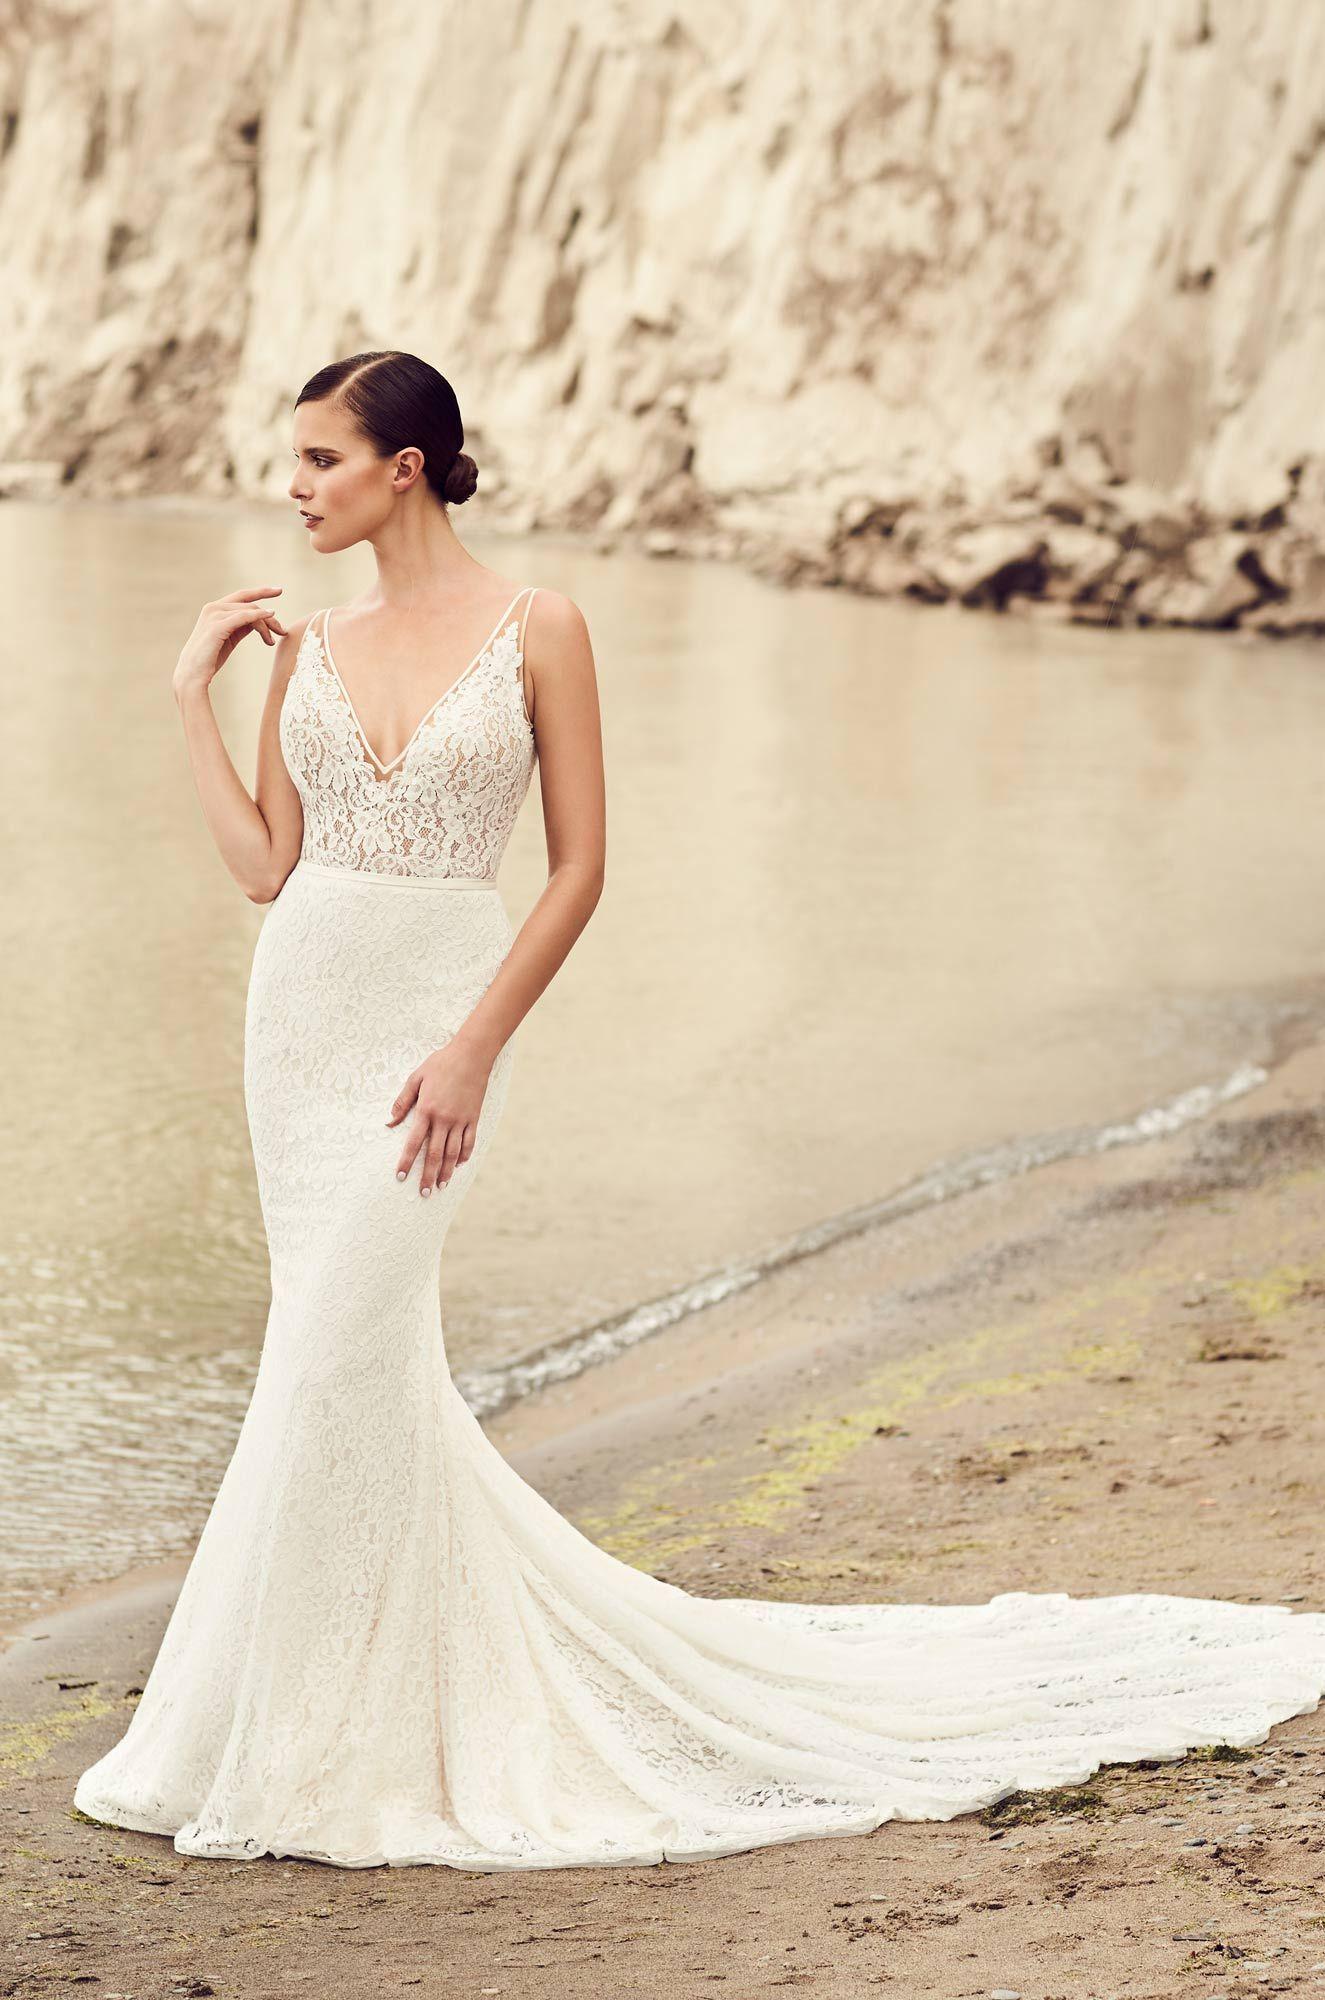 46++ V neck wedding dress hairstyles info